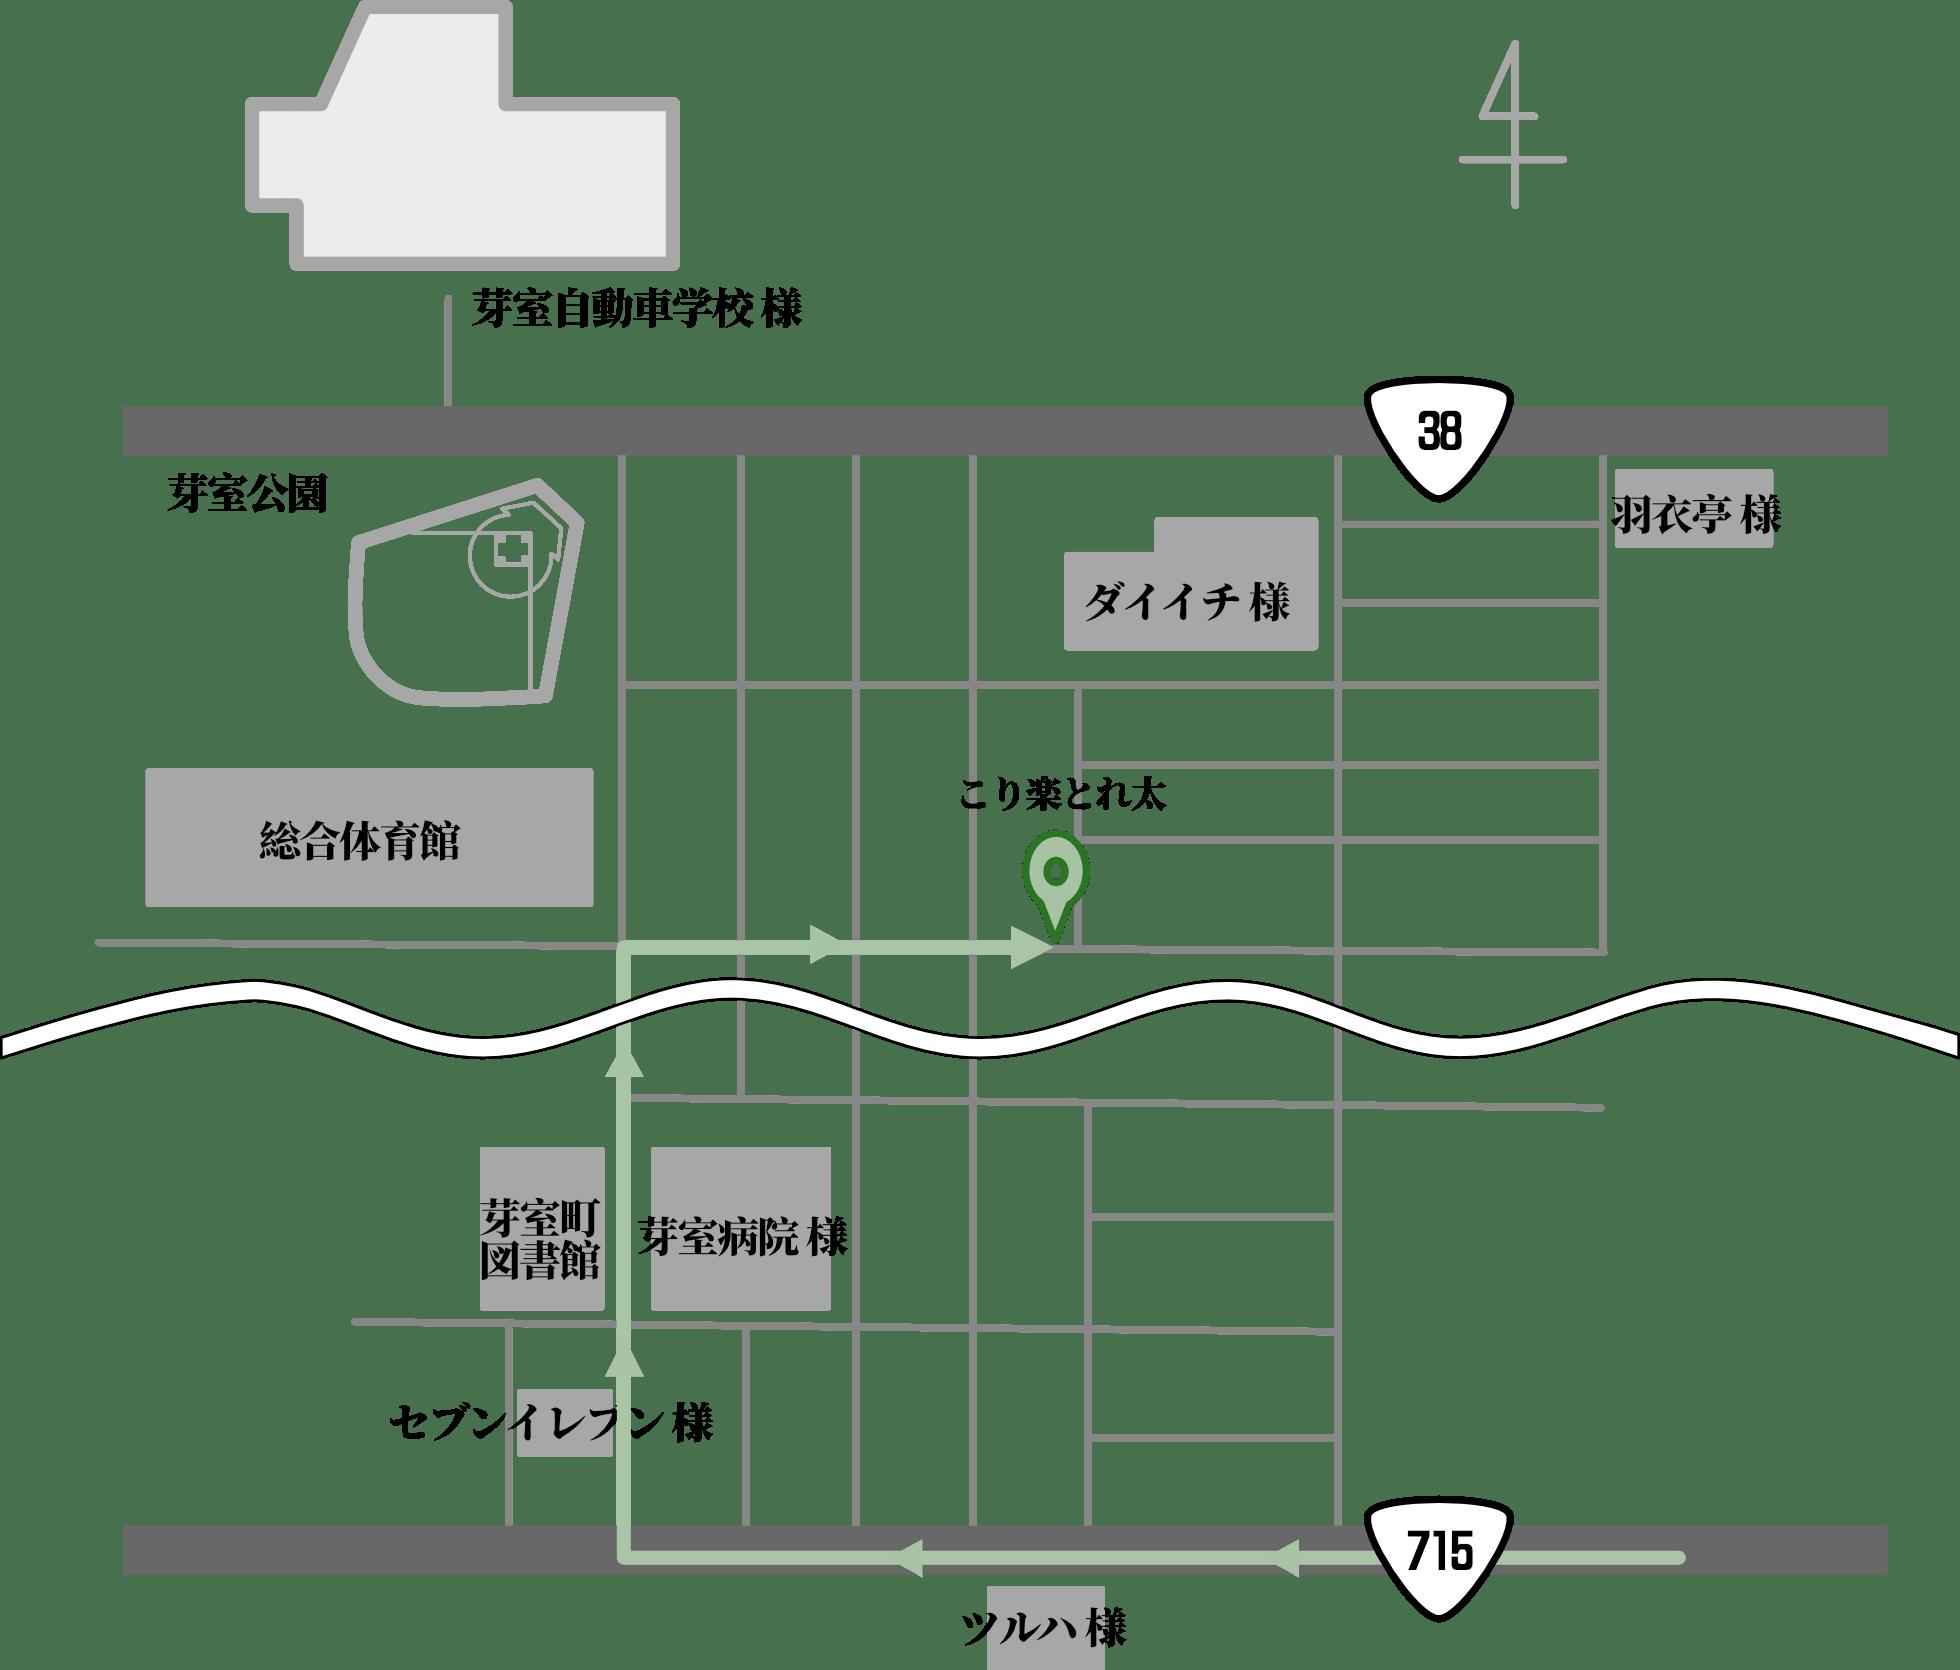 38号線から当院までは帯広から西に向かって、セブンイレブン様から北に行きます